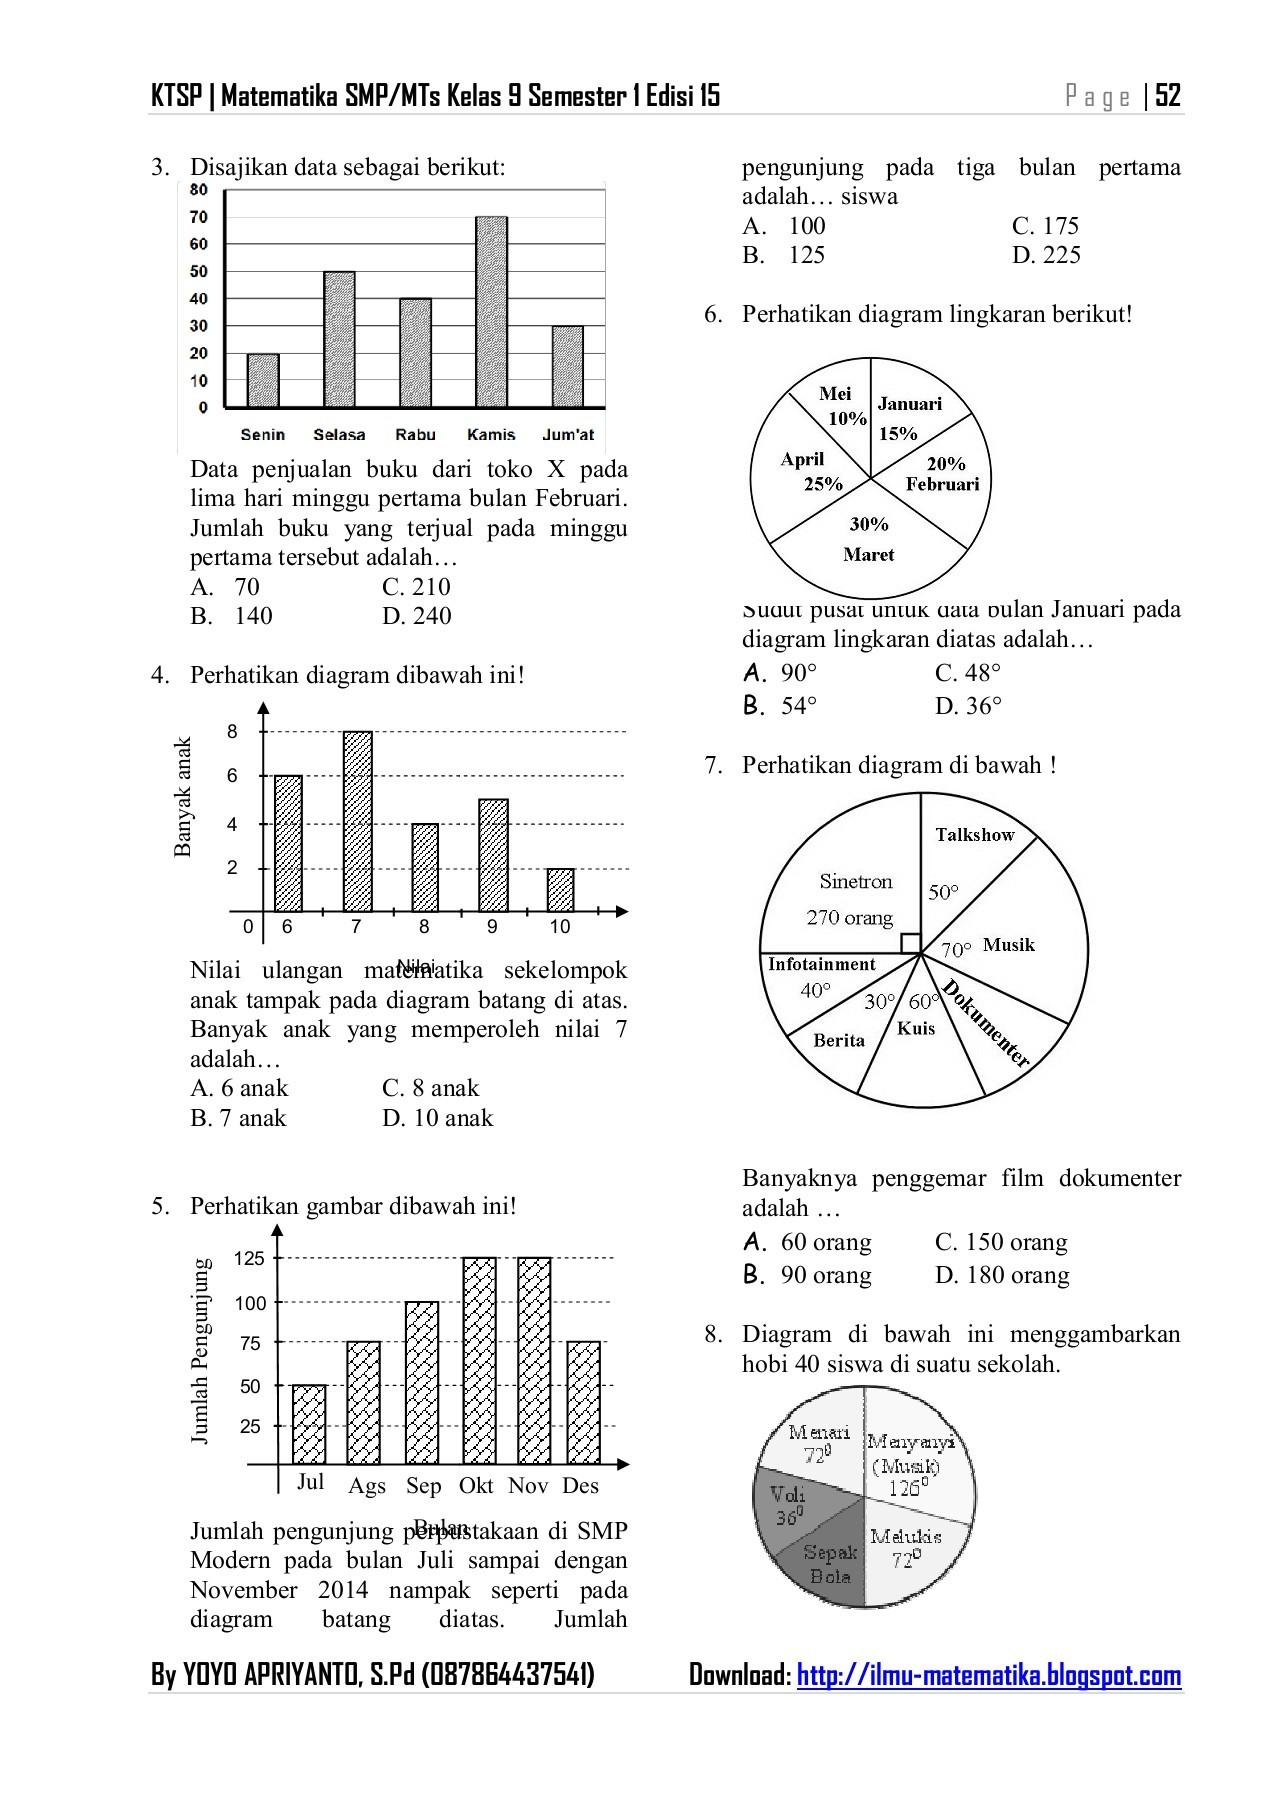 Soal Matematika Kelas 6 Bab Diagram Lingkaran : matematika, kelas, diagram, lingkaran, Kumpulan, Matematika, Membaca, Diagram, Batang, Lingkaran, Dubai, Khalifa